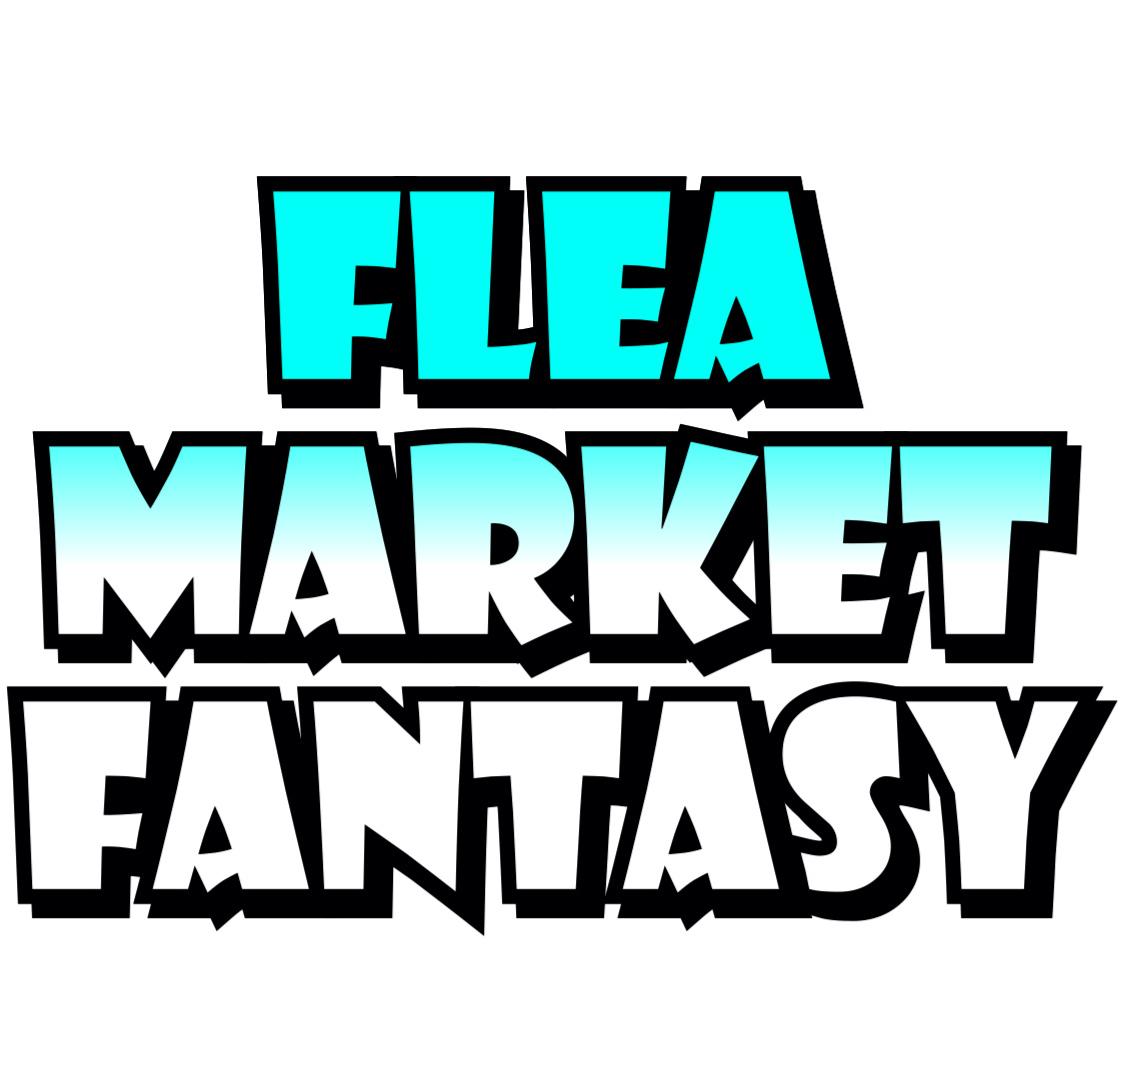 Flea Market Fantasy